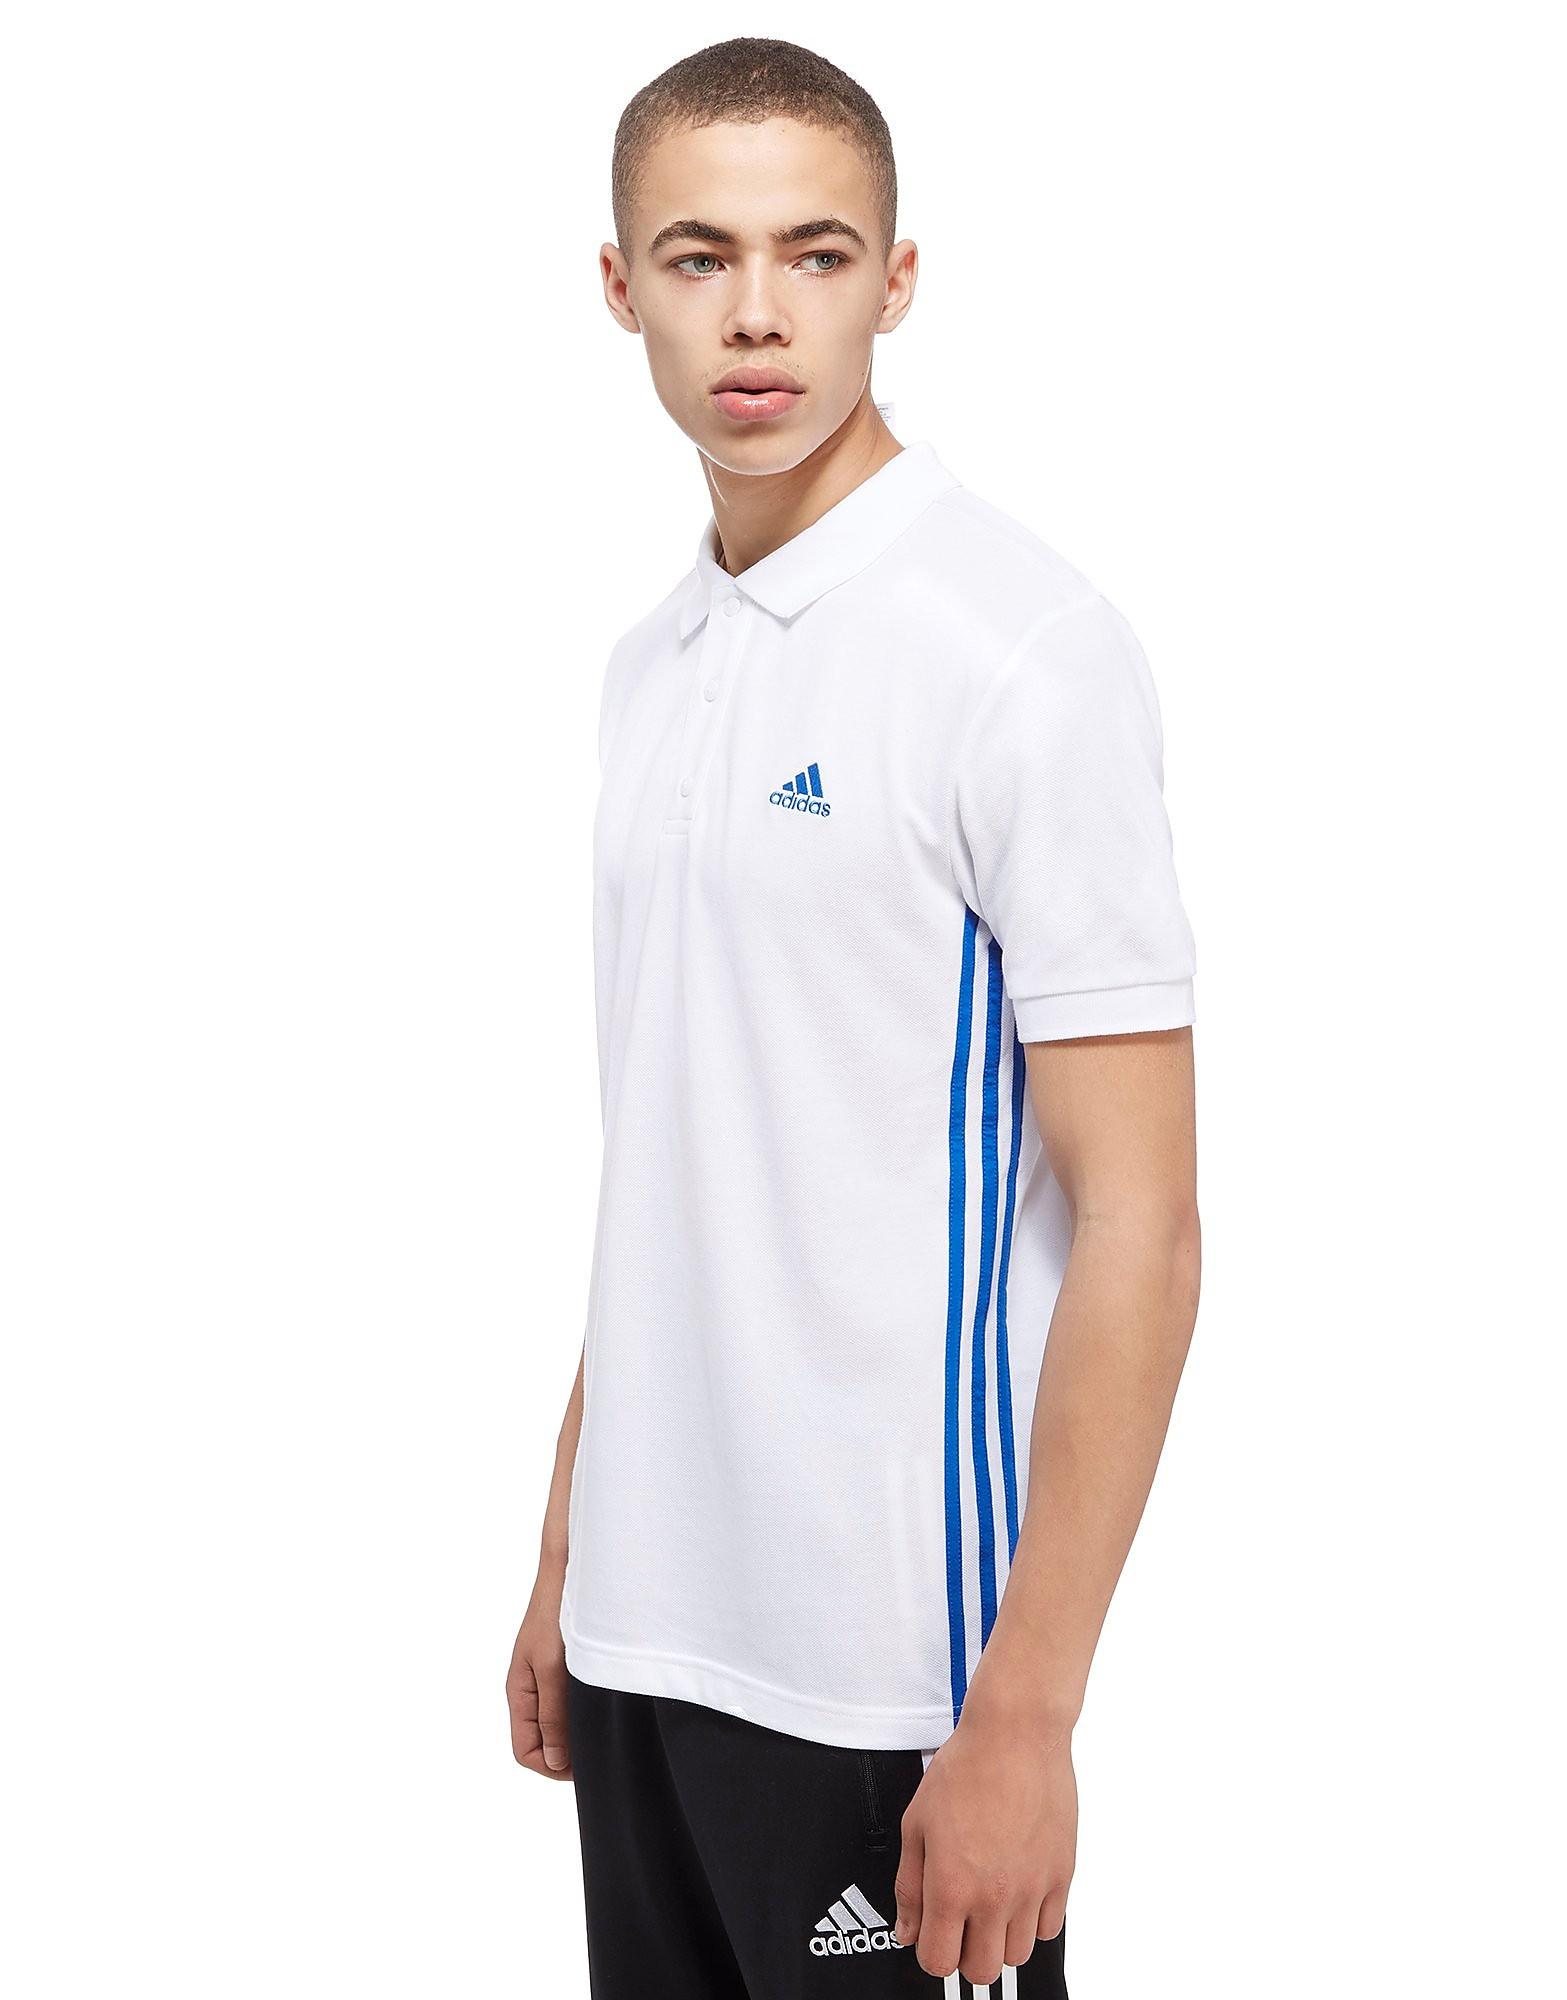 adidas Essentials Polo Shirt